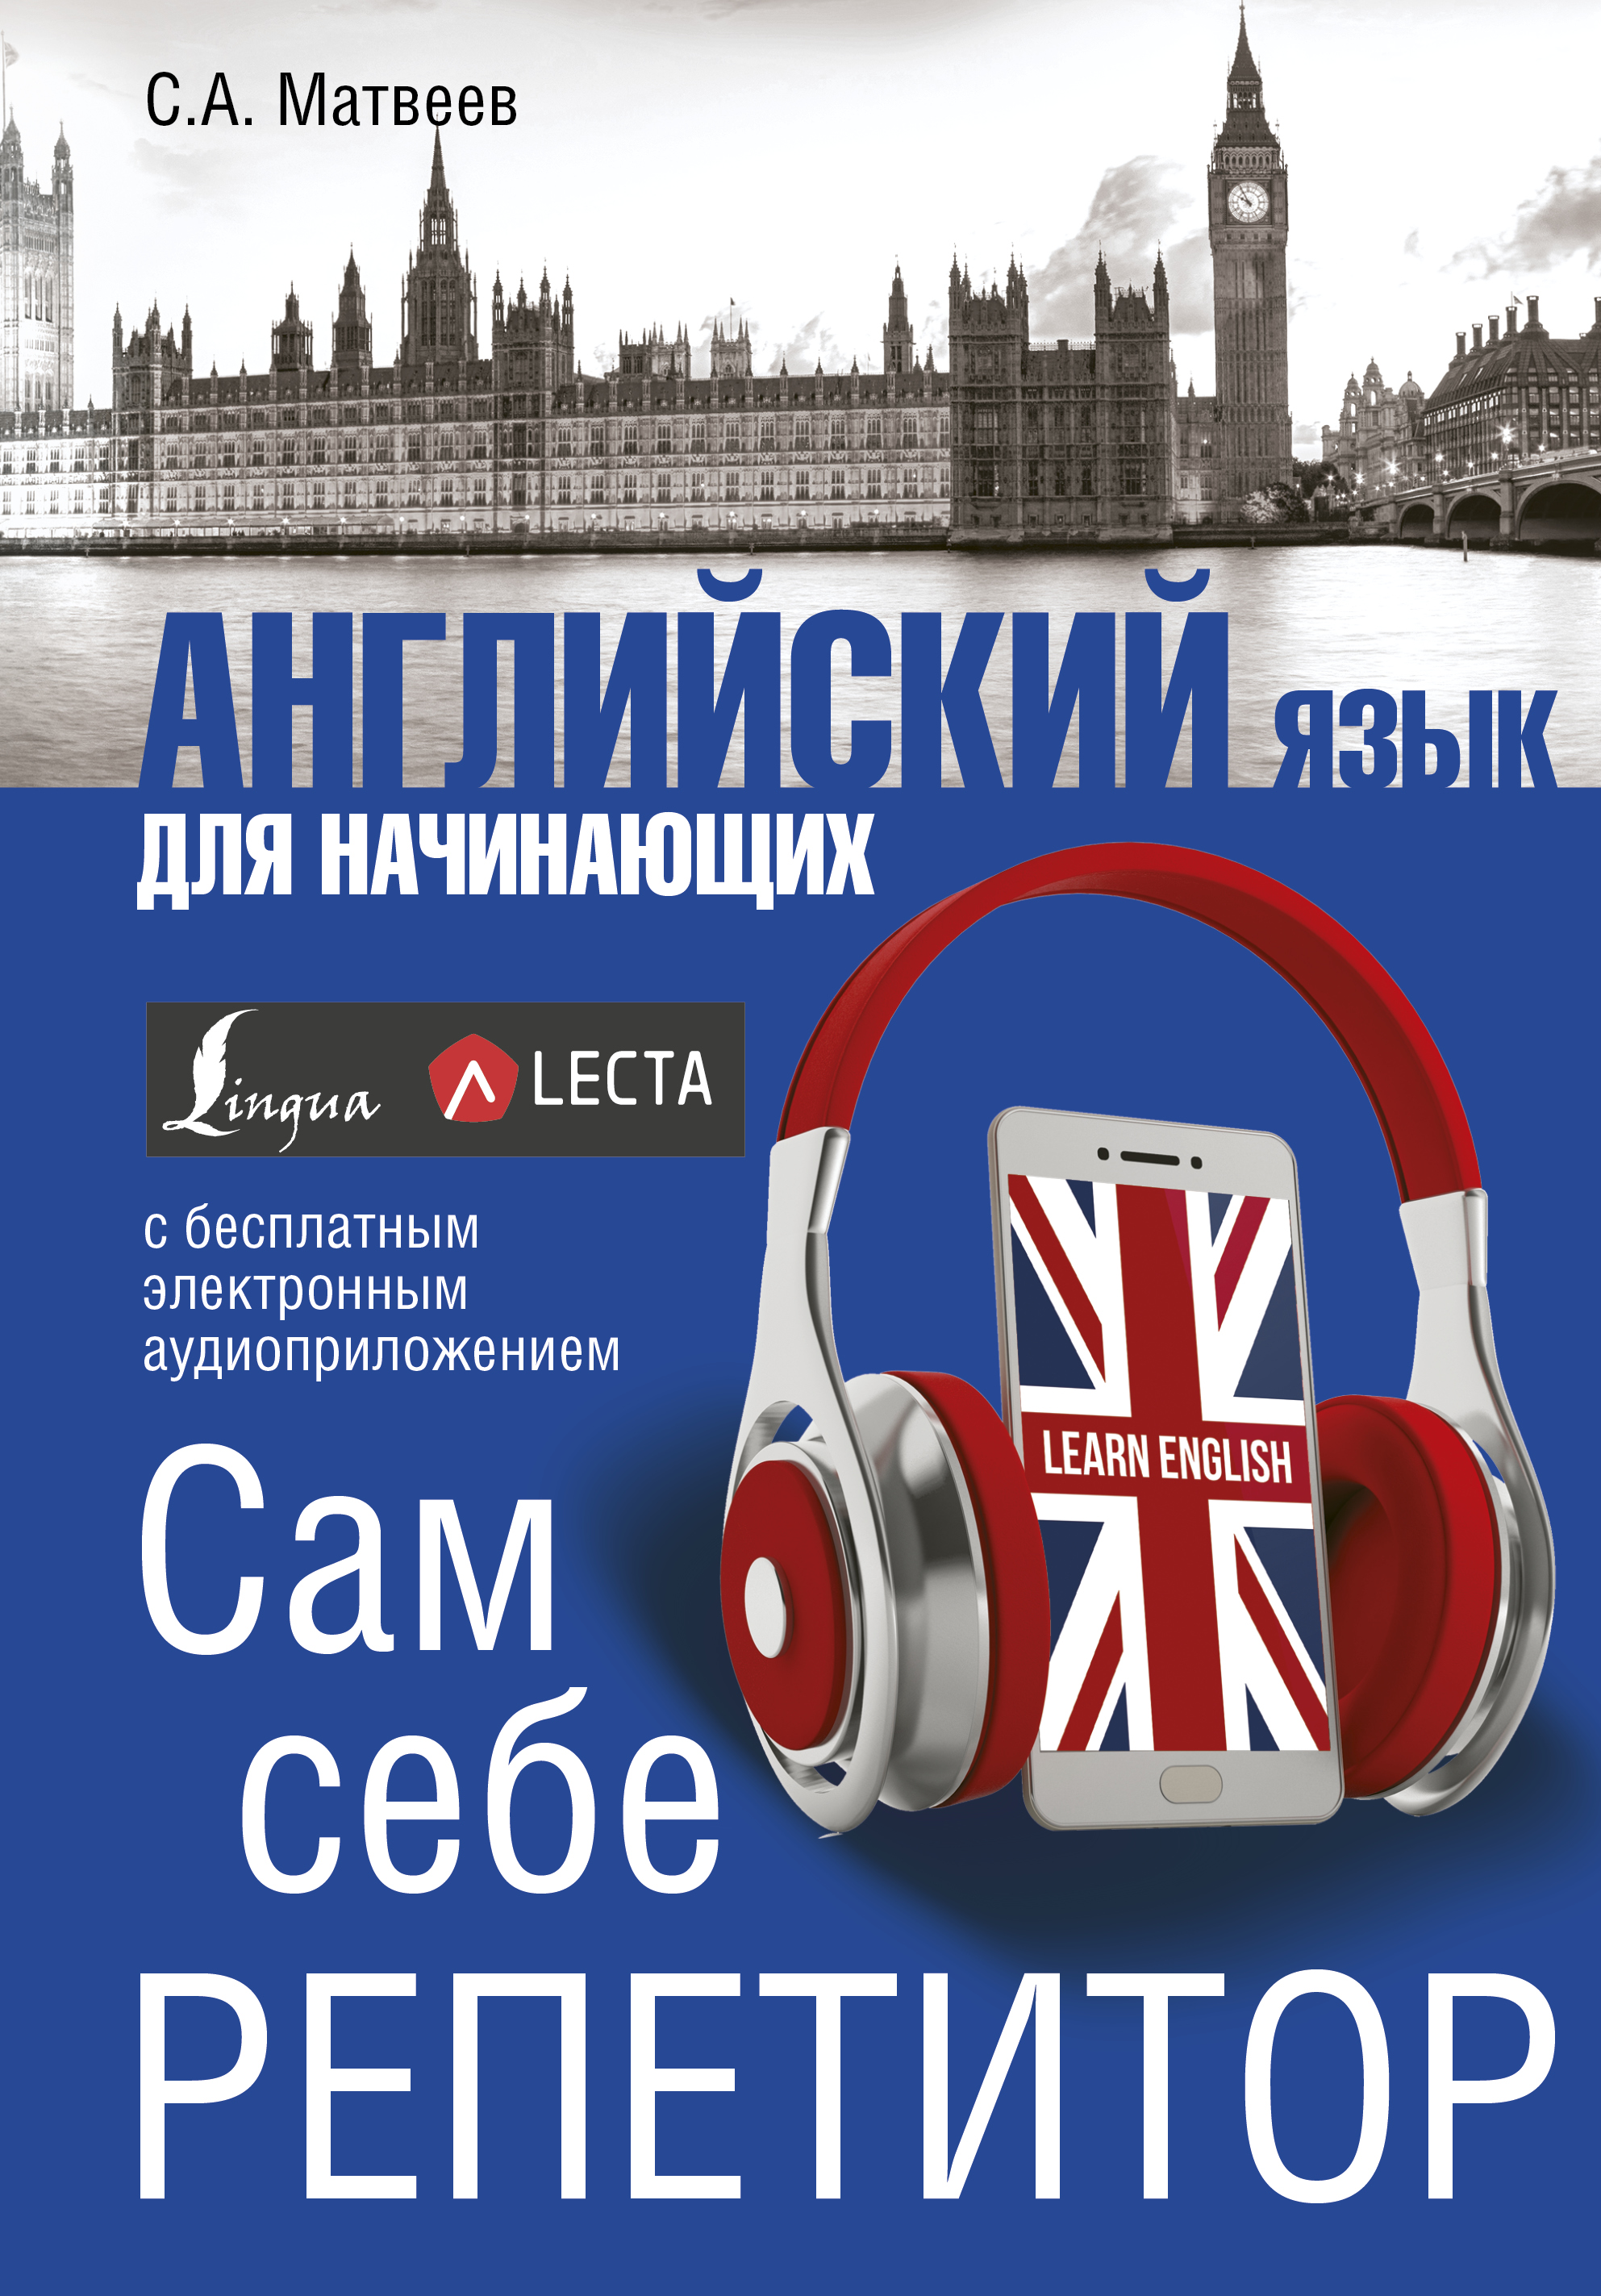 С. А. Матвеев Английский язык для начинающих. Сам себе репетитор + LECTA